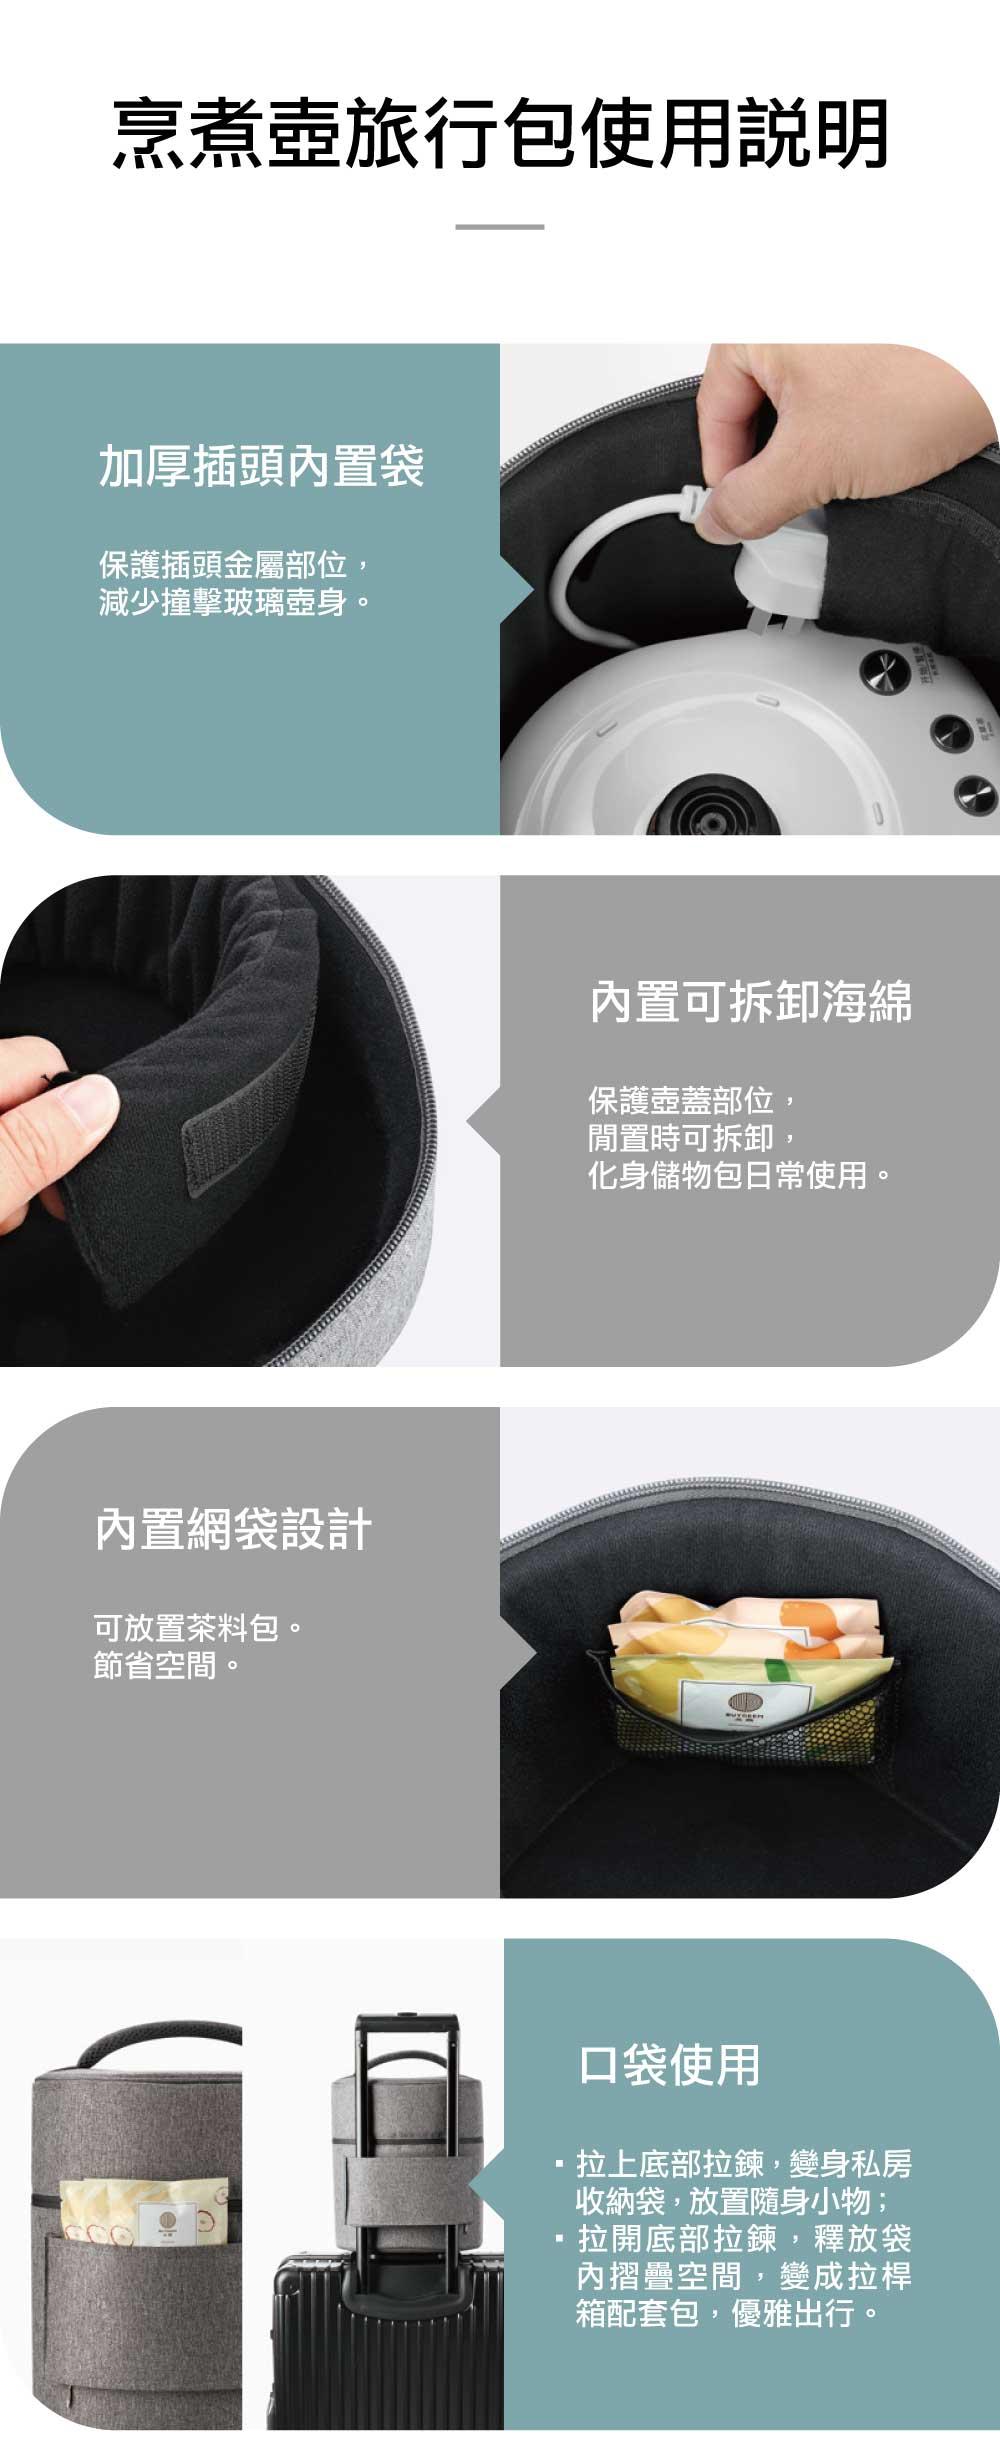 北鼎烹煮壺旅行包使用說明